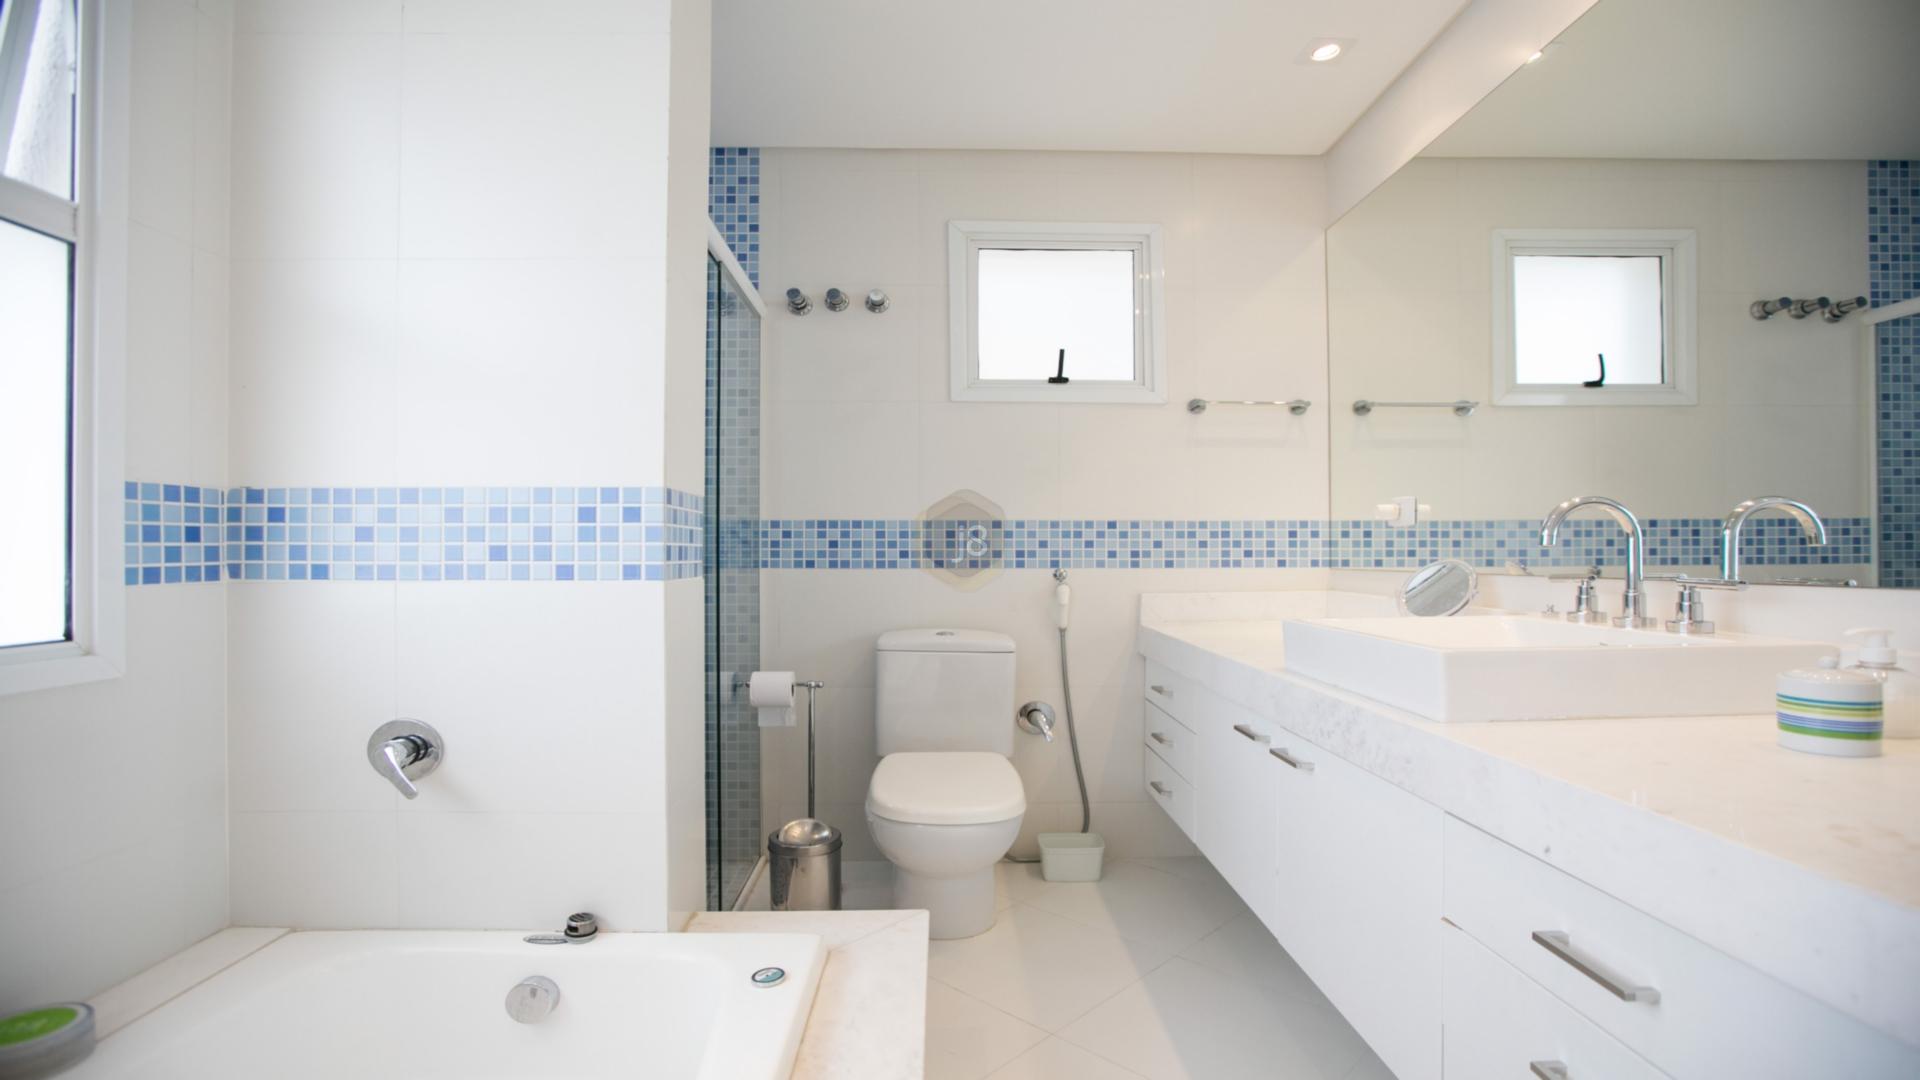 Casa Em Condominio de 3 dormitórios em Portão, Curitiba - PR